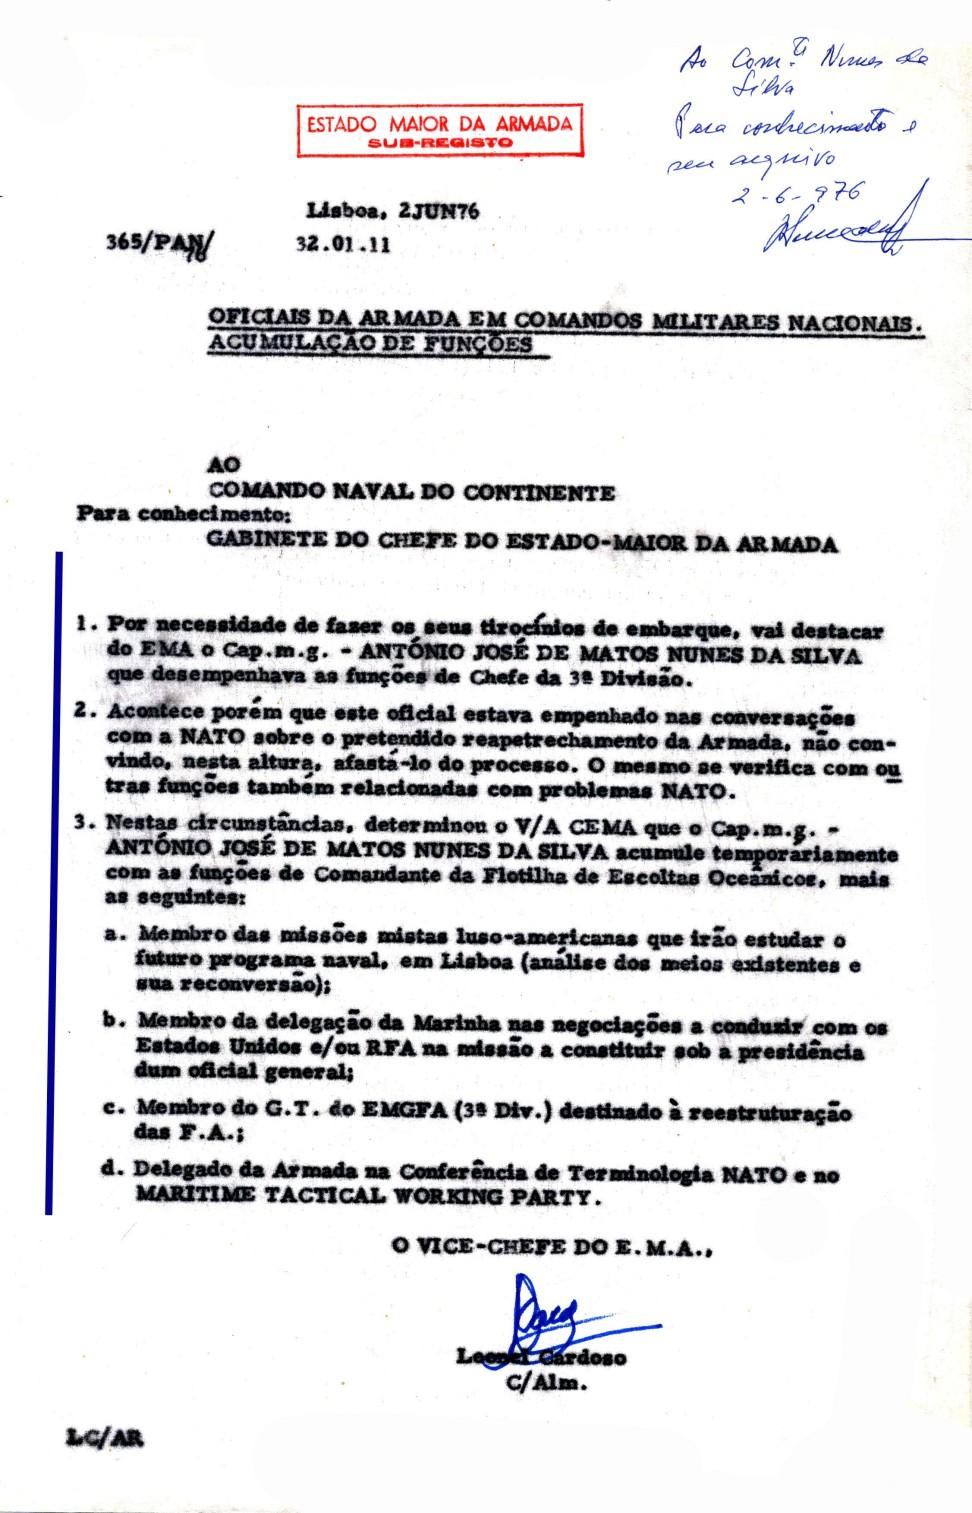 00703 976-06-02 comunicação do EMA ao Comando Naval do Continente das minhas acumulações determinadas pelo_20101113235512358